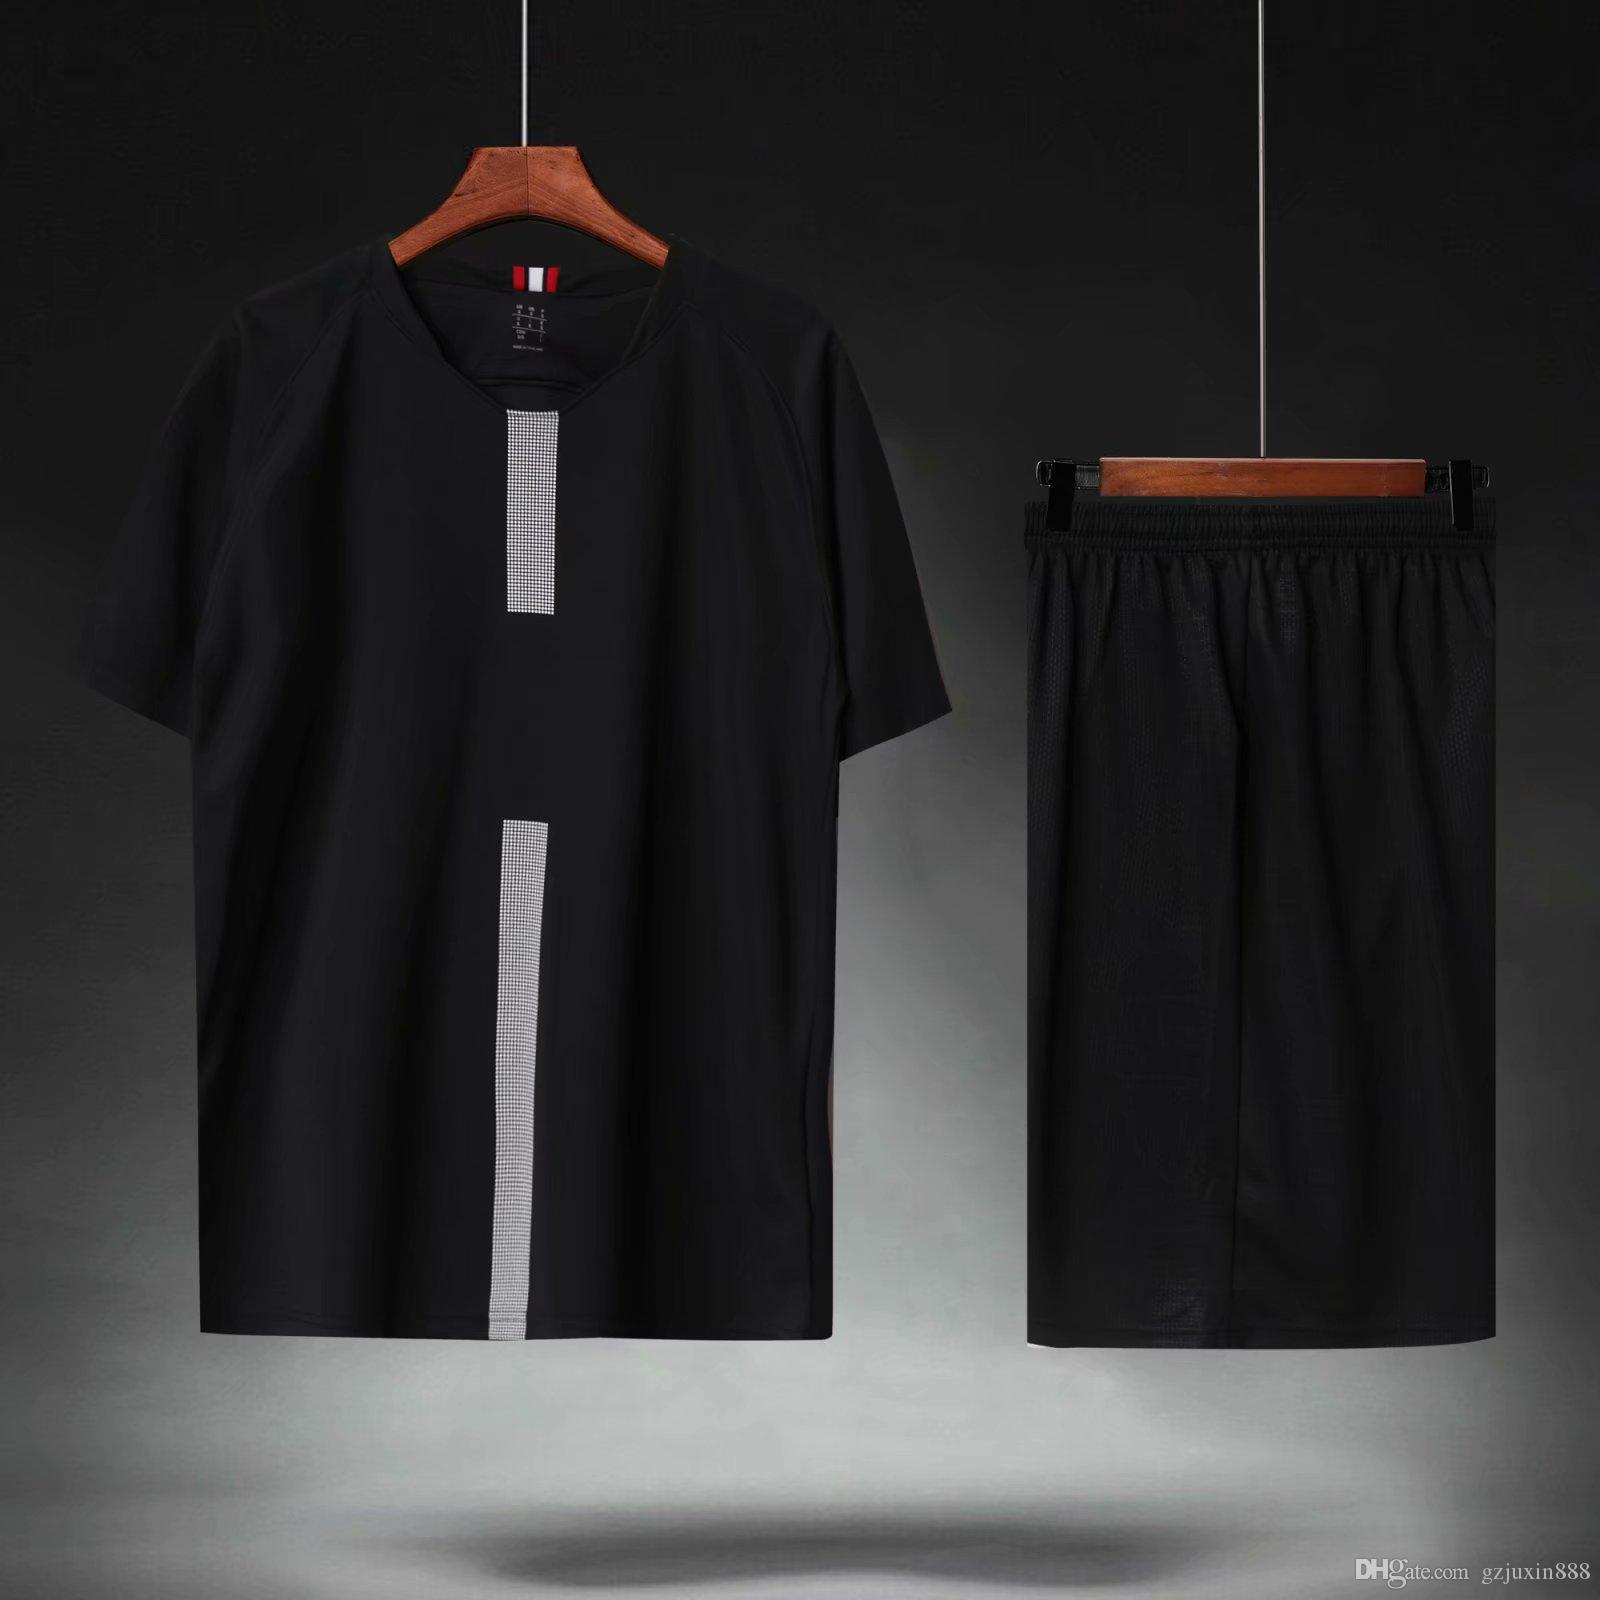 buy popular aa5dc 45684 2018 19 Top Thailand Beste Qualität Schwarz Farbe DIY Anpassen Männer  Fußball Sets von jersey Shorts Männlichen Fußball Outfit Mann Kit Anzüge  Uniform